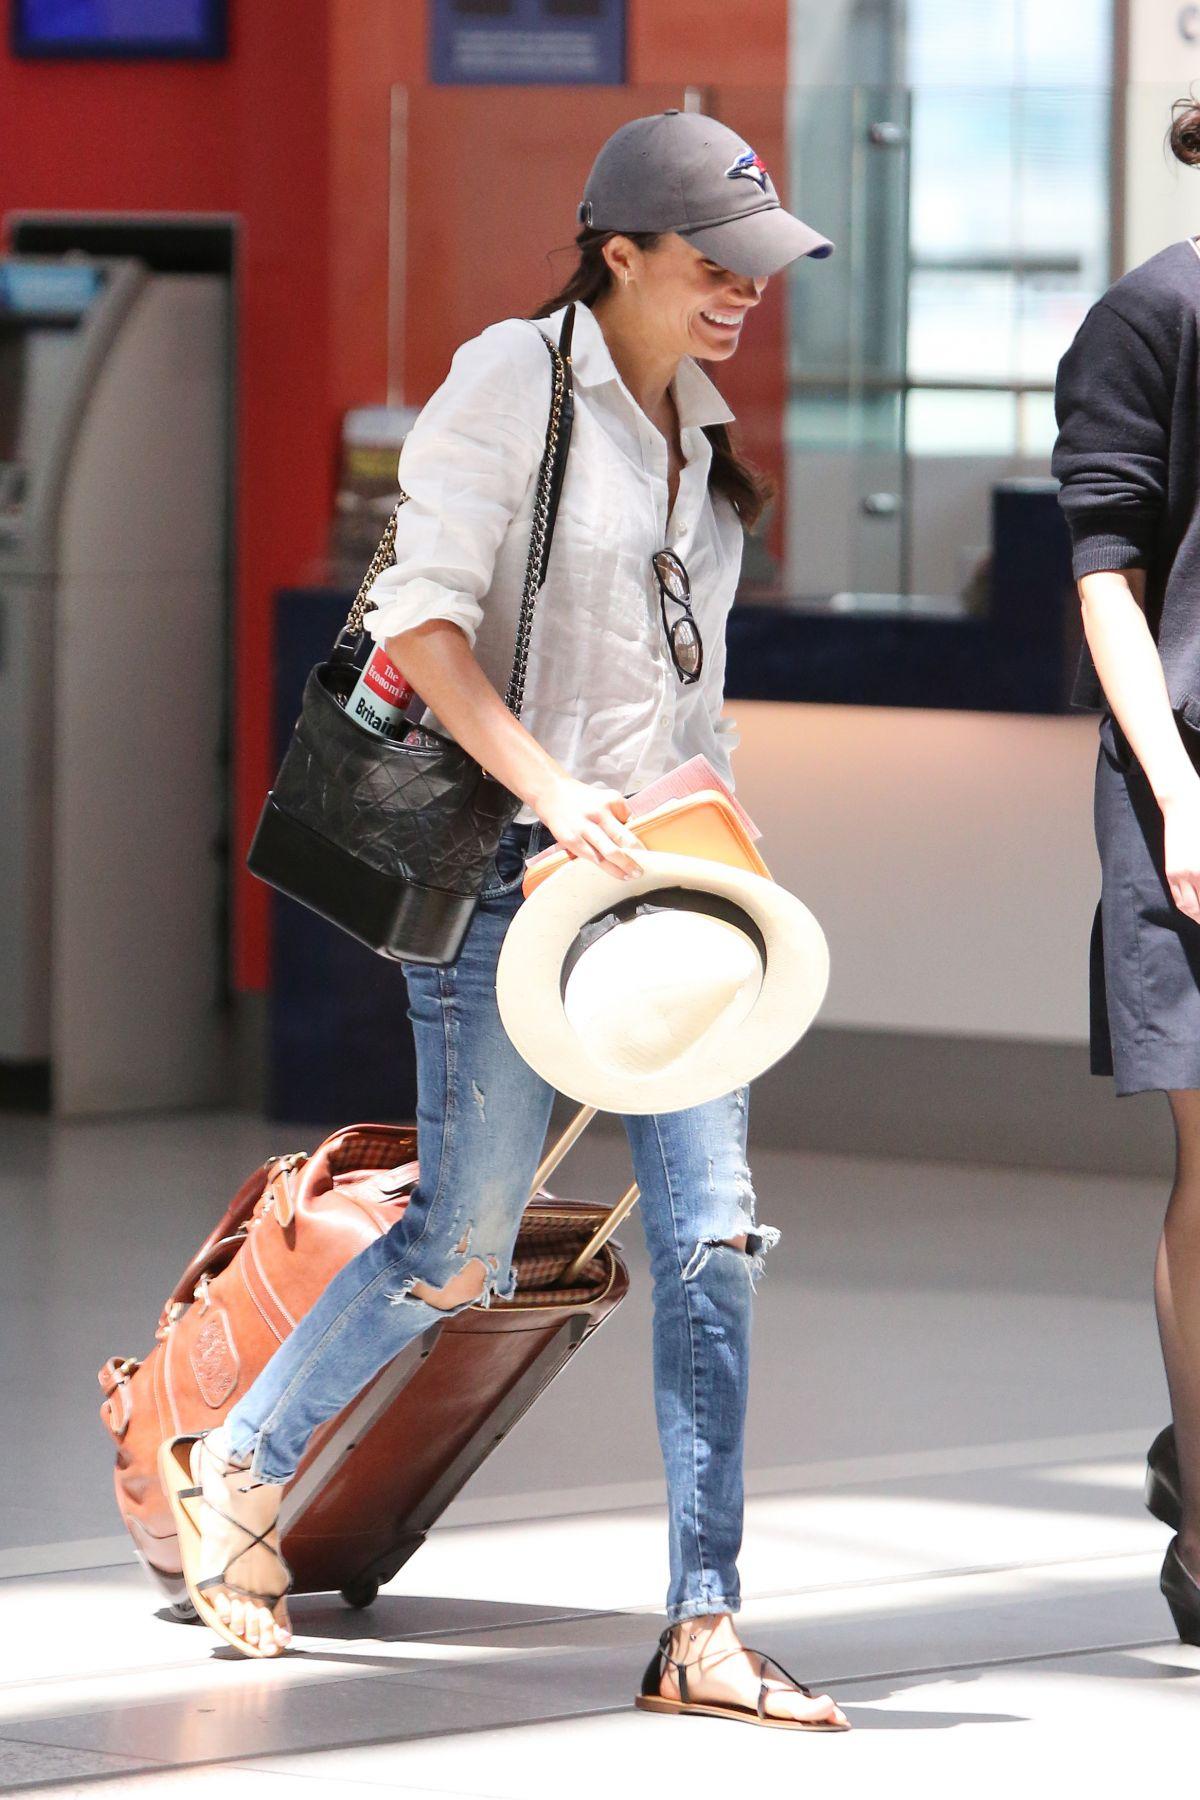 Meghan Markle mặc áo trắng quần jeans và đeo túi xách đen